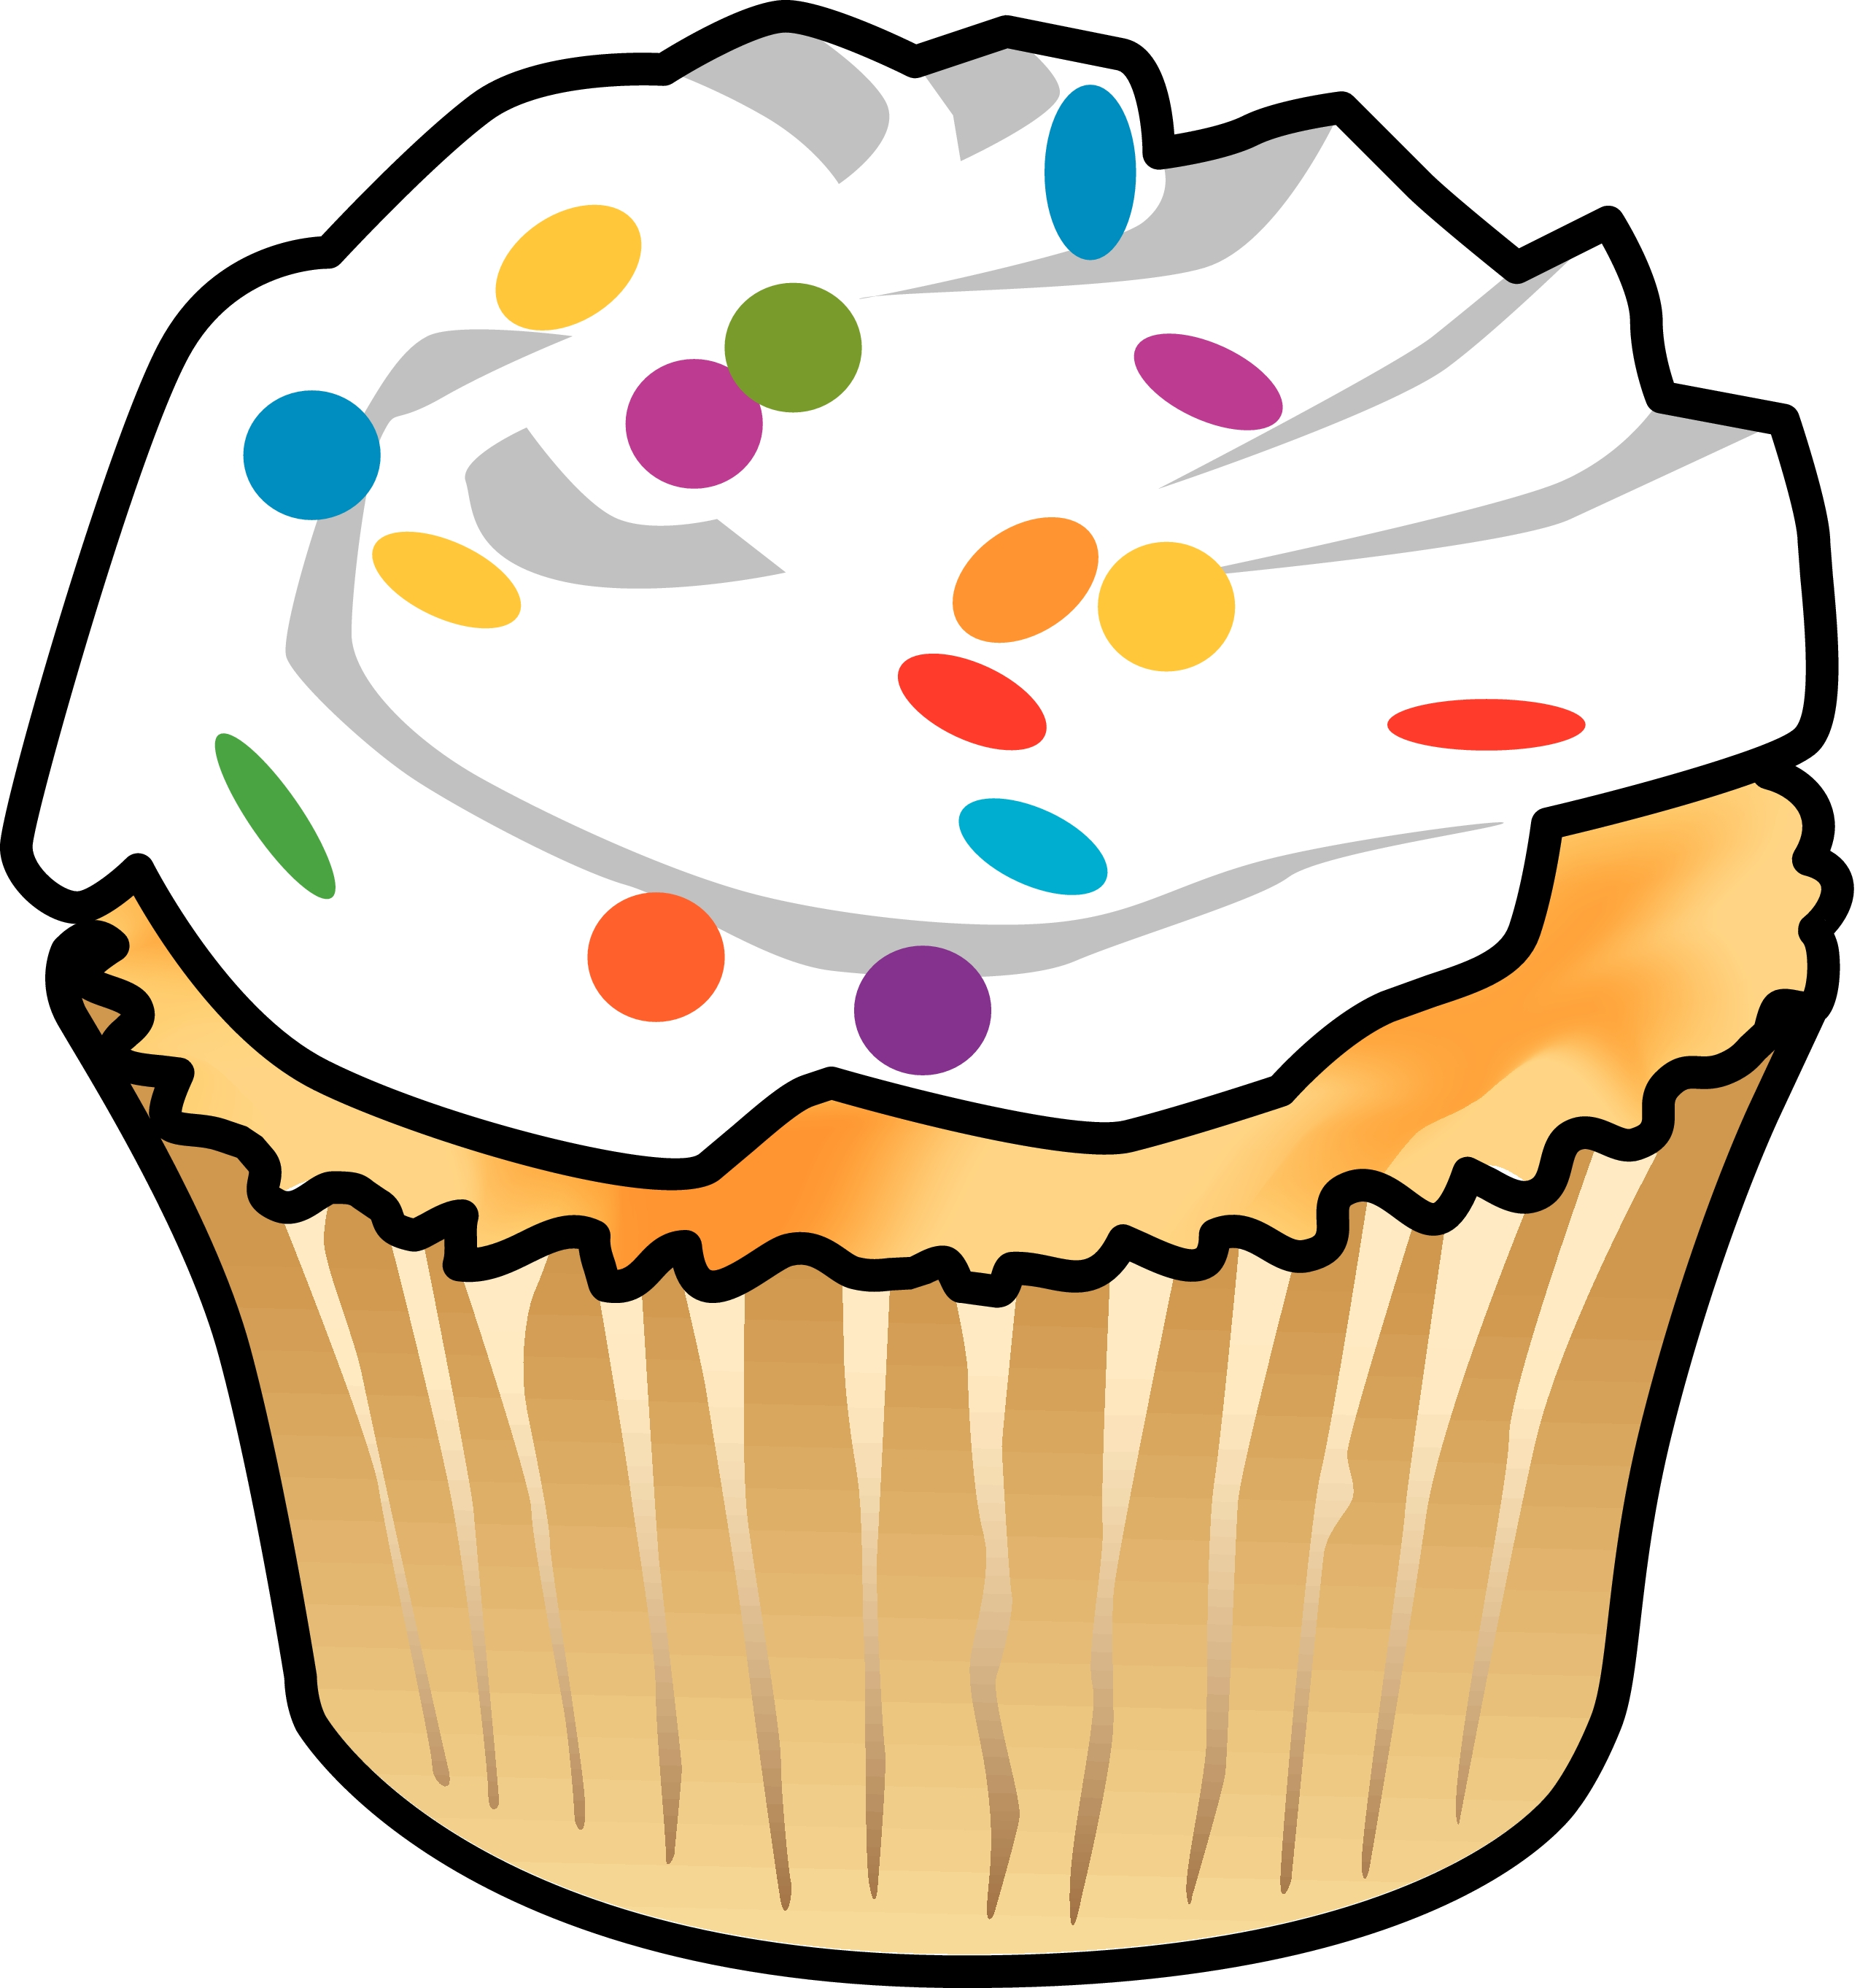 Bake Cliparts-Bake cliparts-1